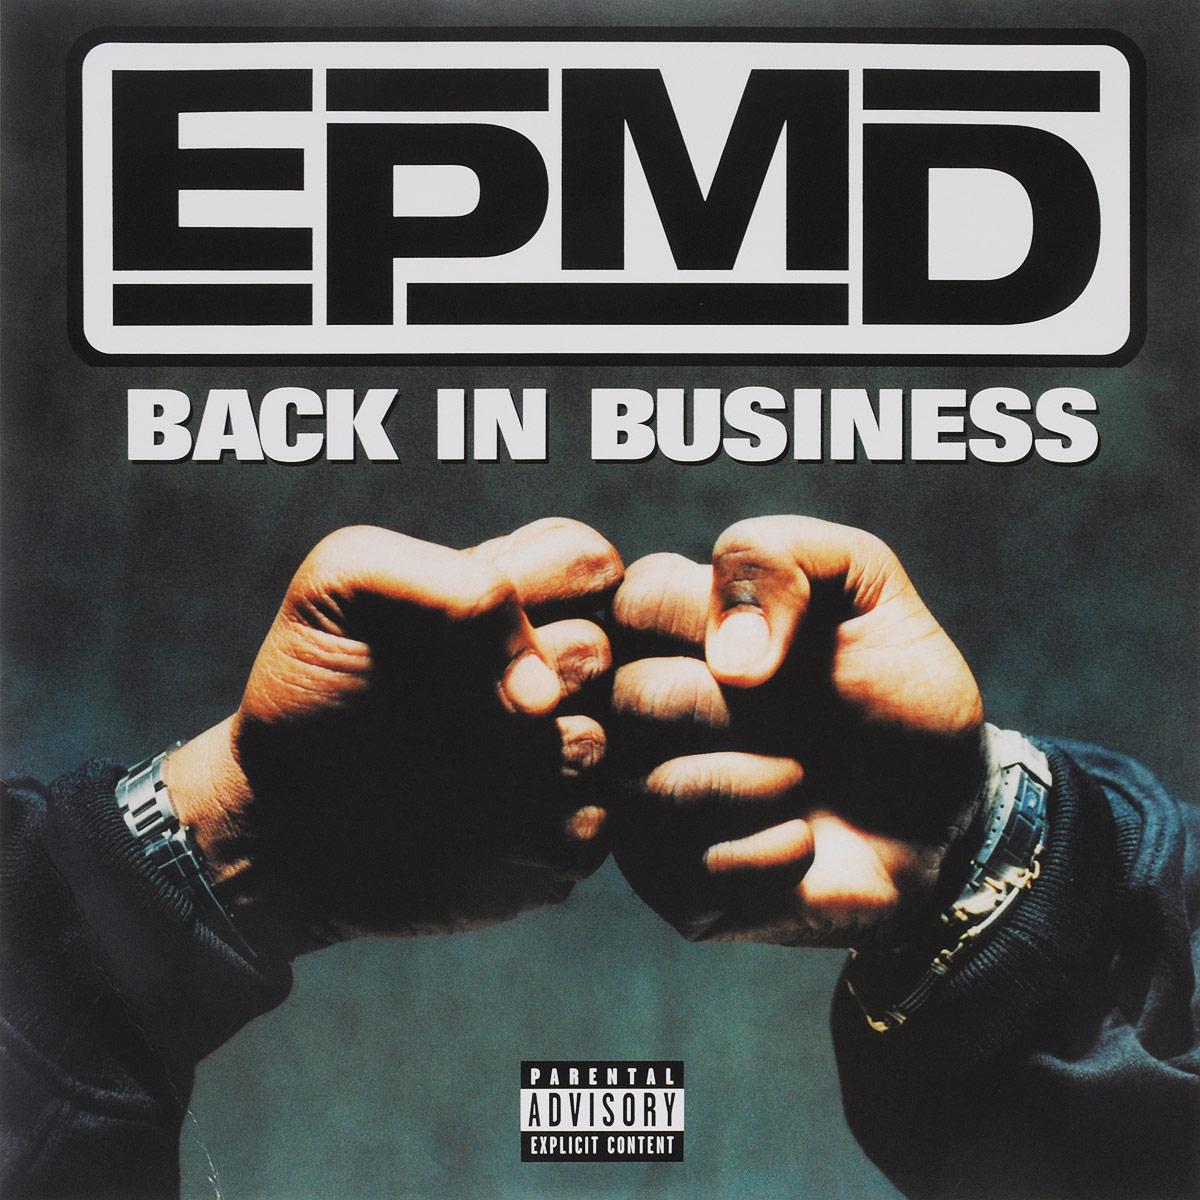 Фото - EPMD EPMD. Back In Business (LP) майка классическая printio epmd rap